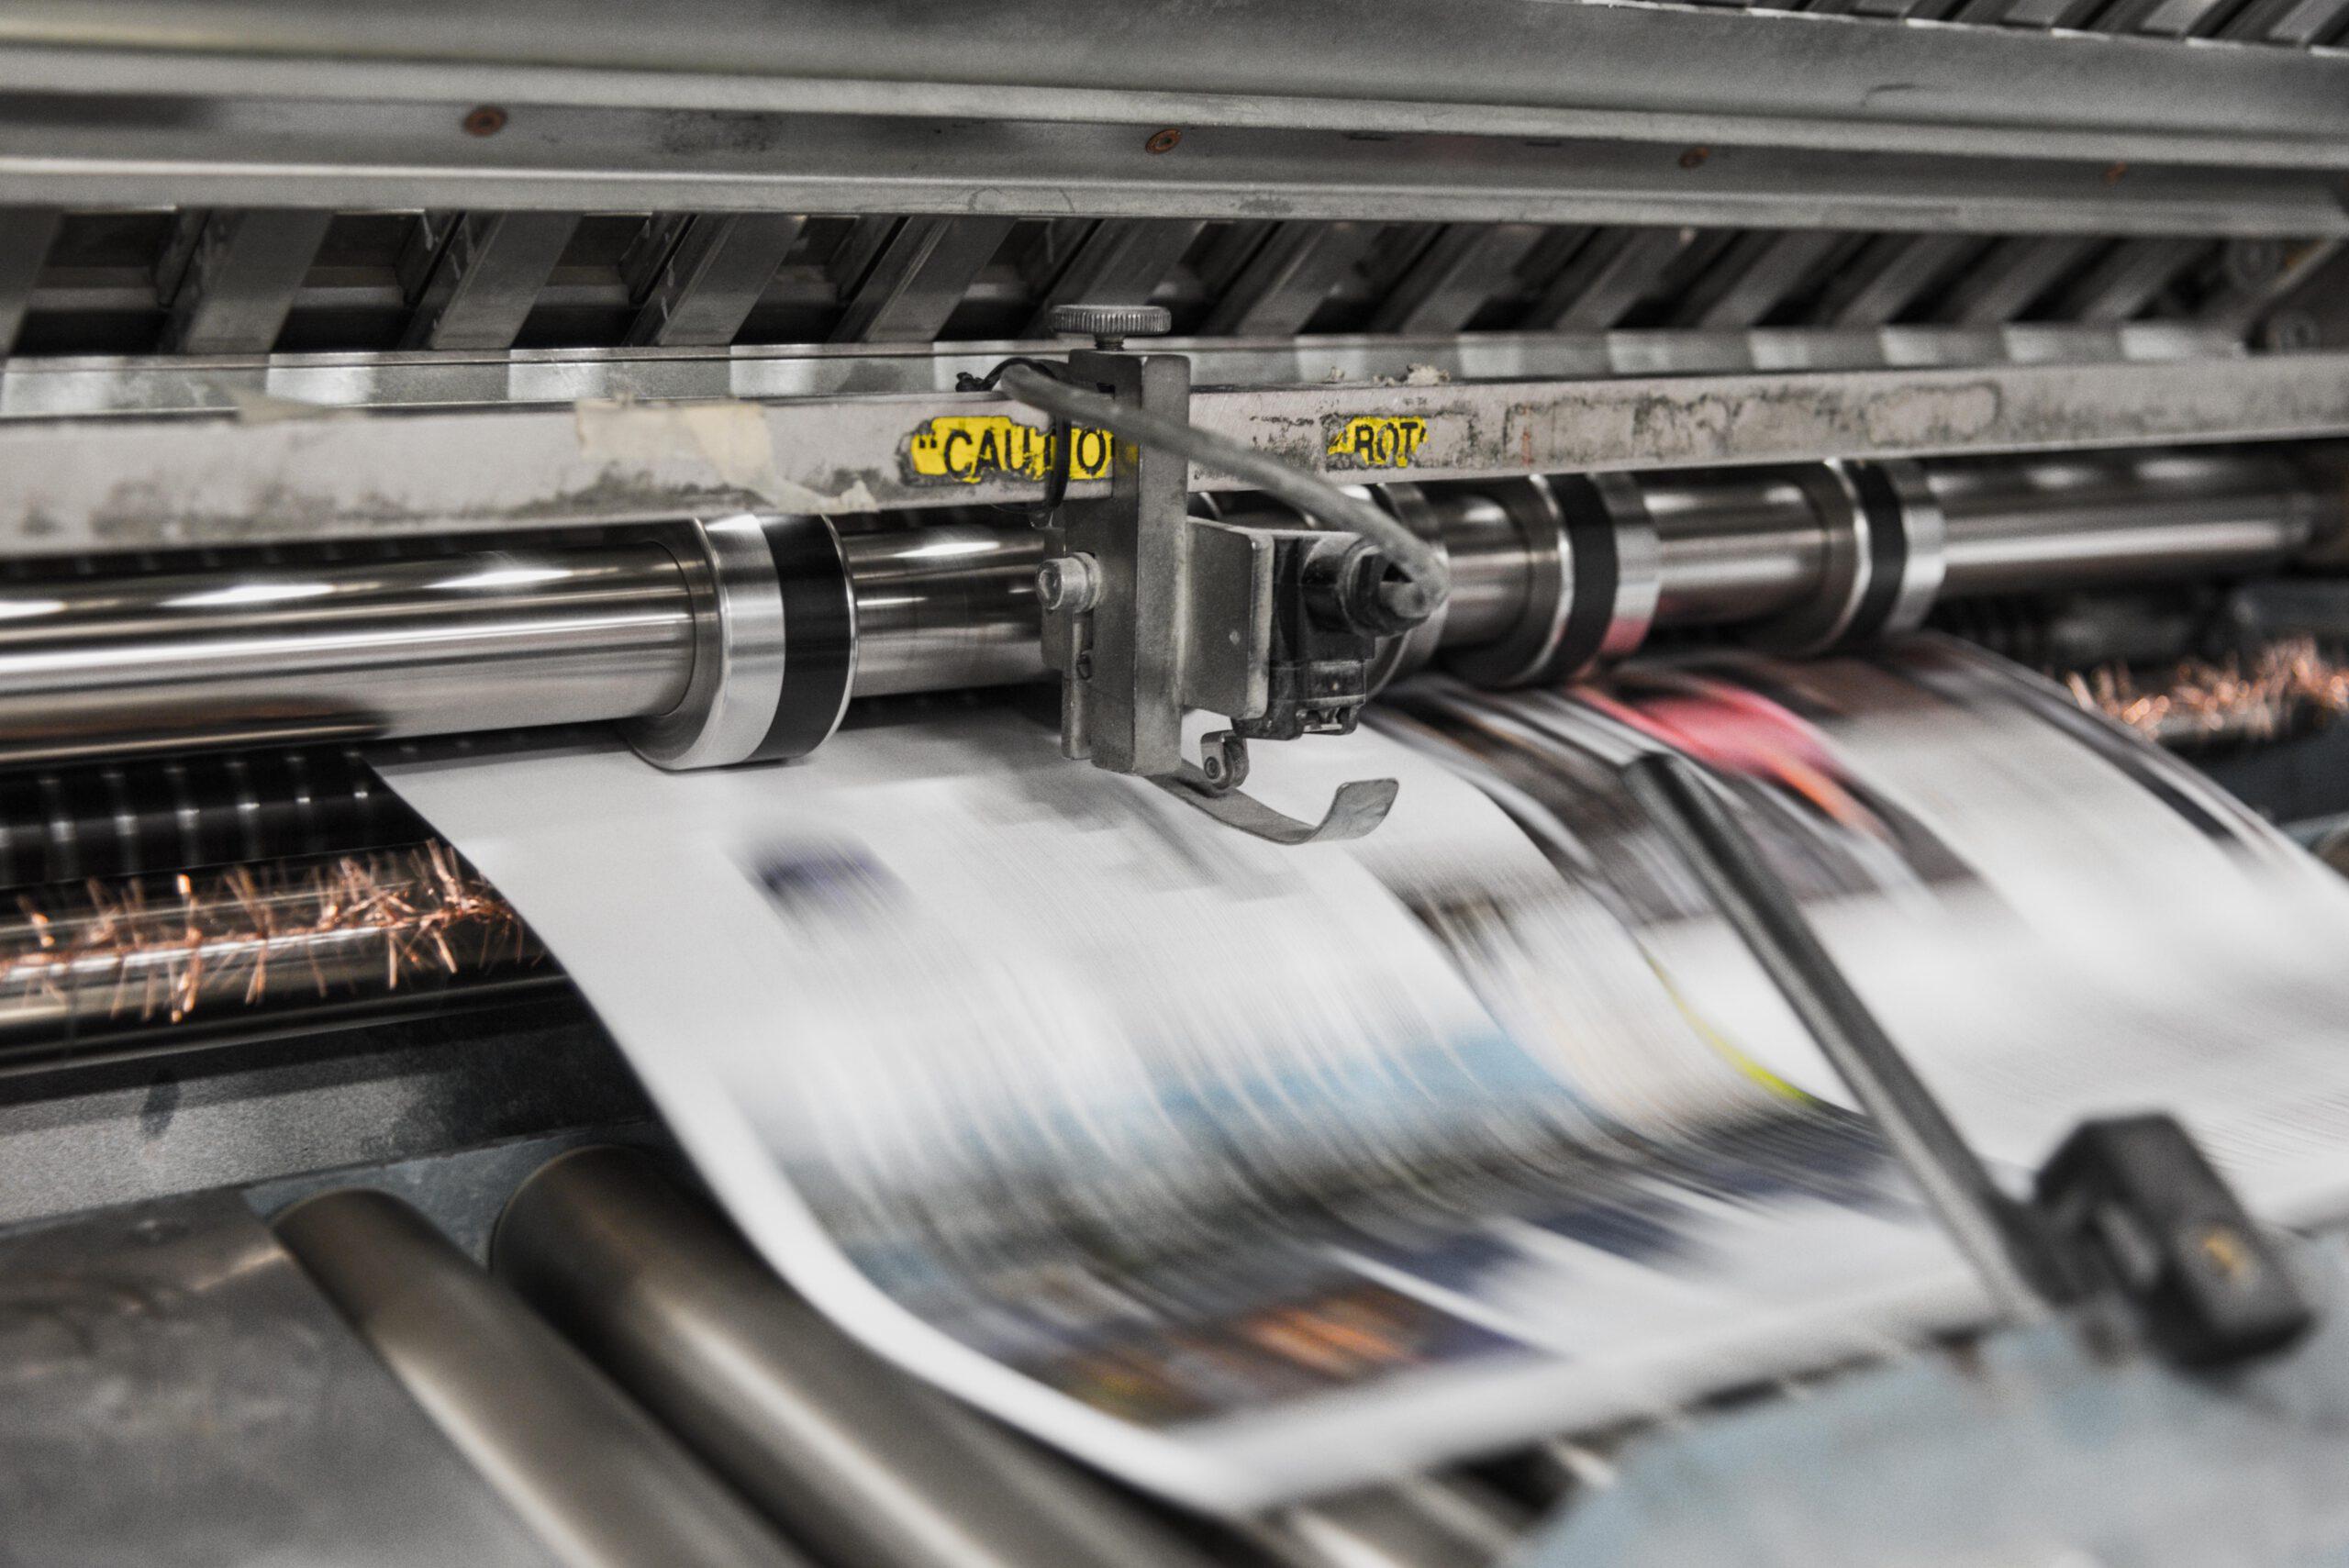 EILT: In eigener Sache: Druckdienstleister für unsere jährliche Magazinausgabe gesucht!